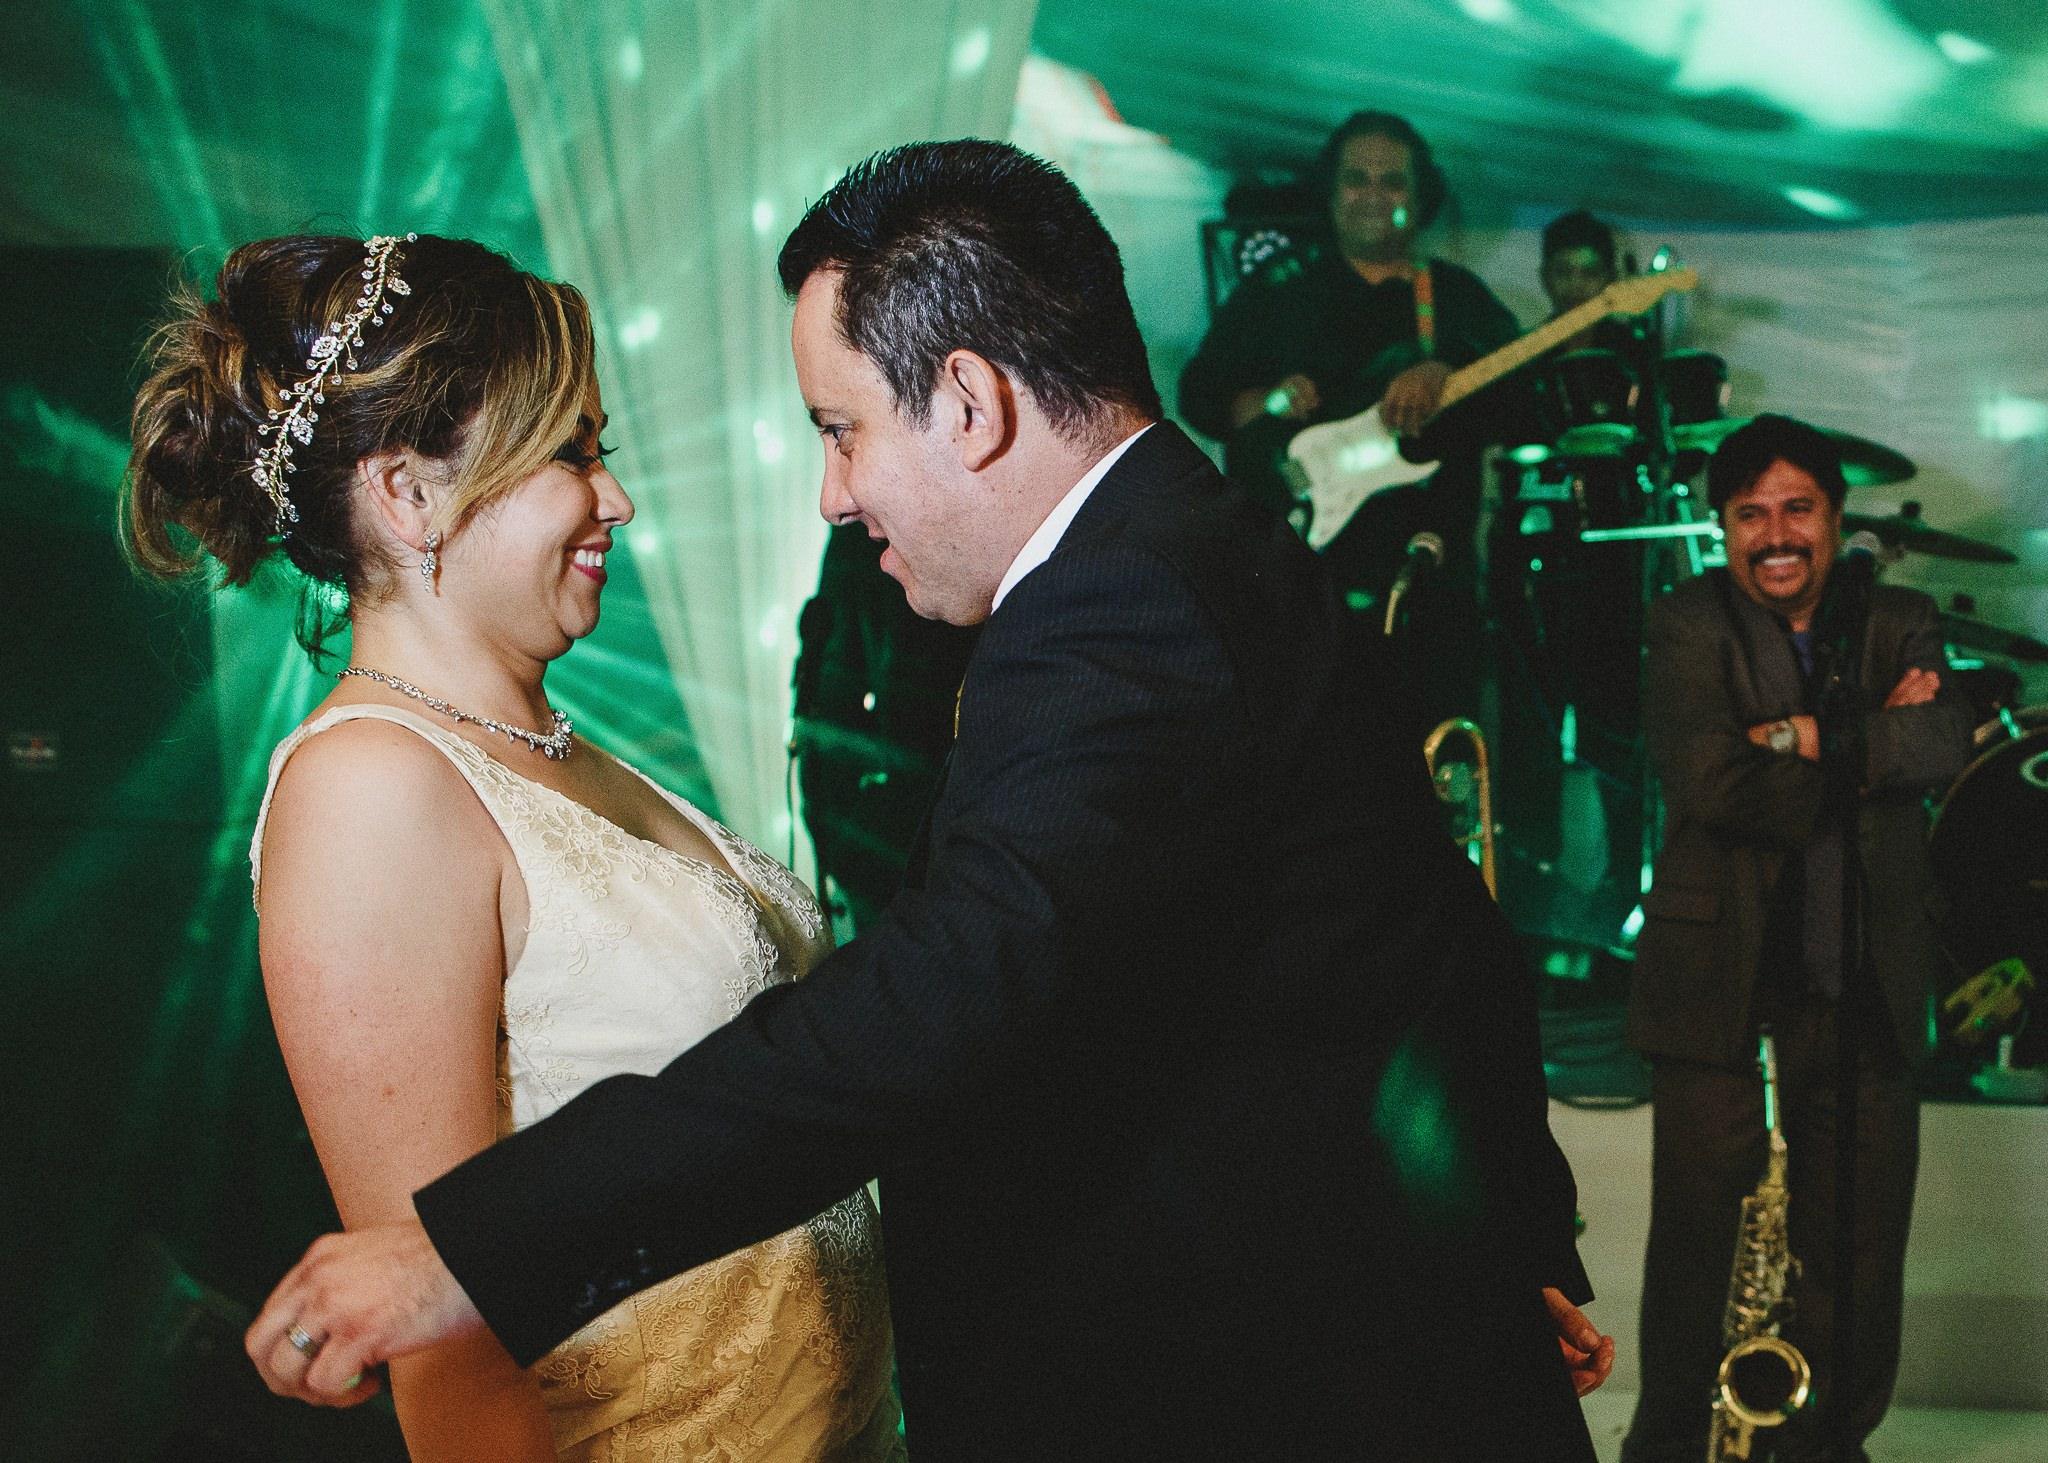 03boda-en-jardin-wedding-hacienda-los-cuartos-fotografo-luis-houdin133